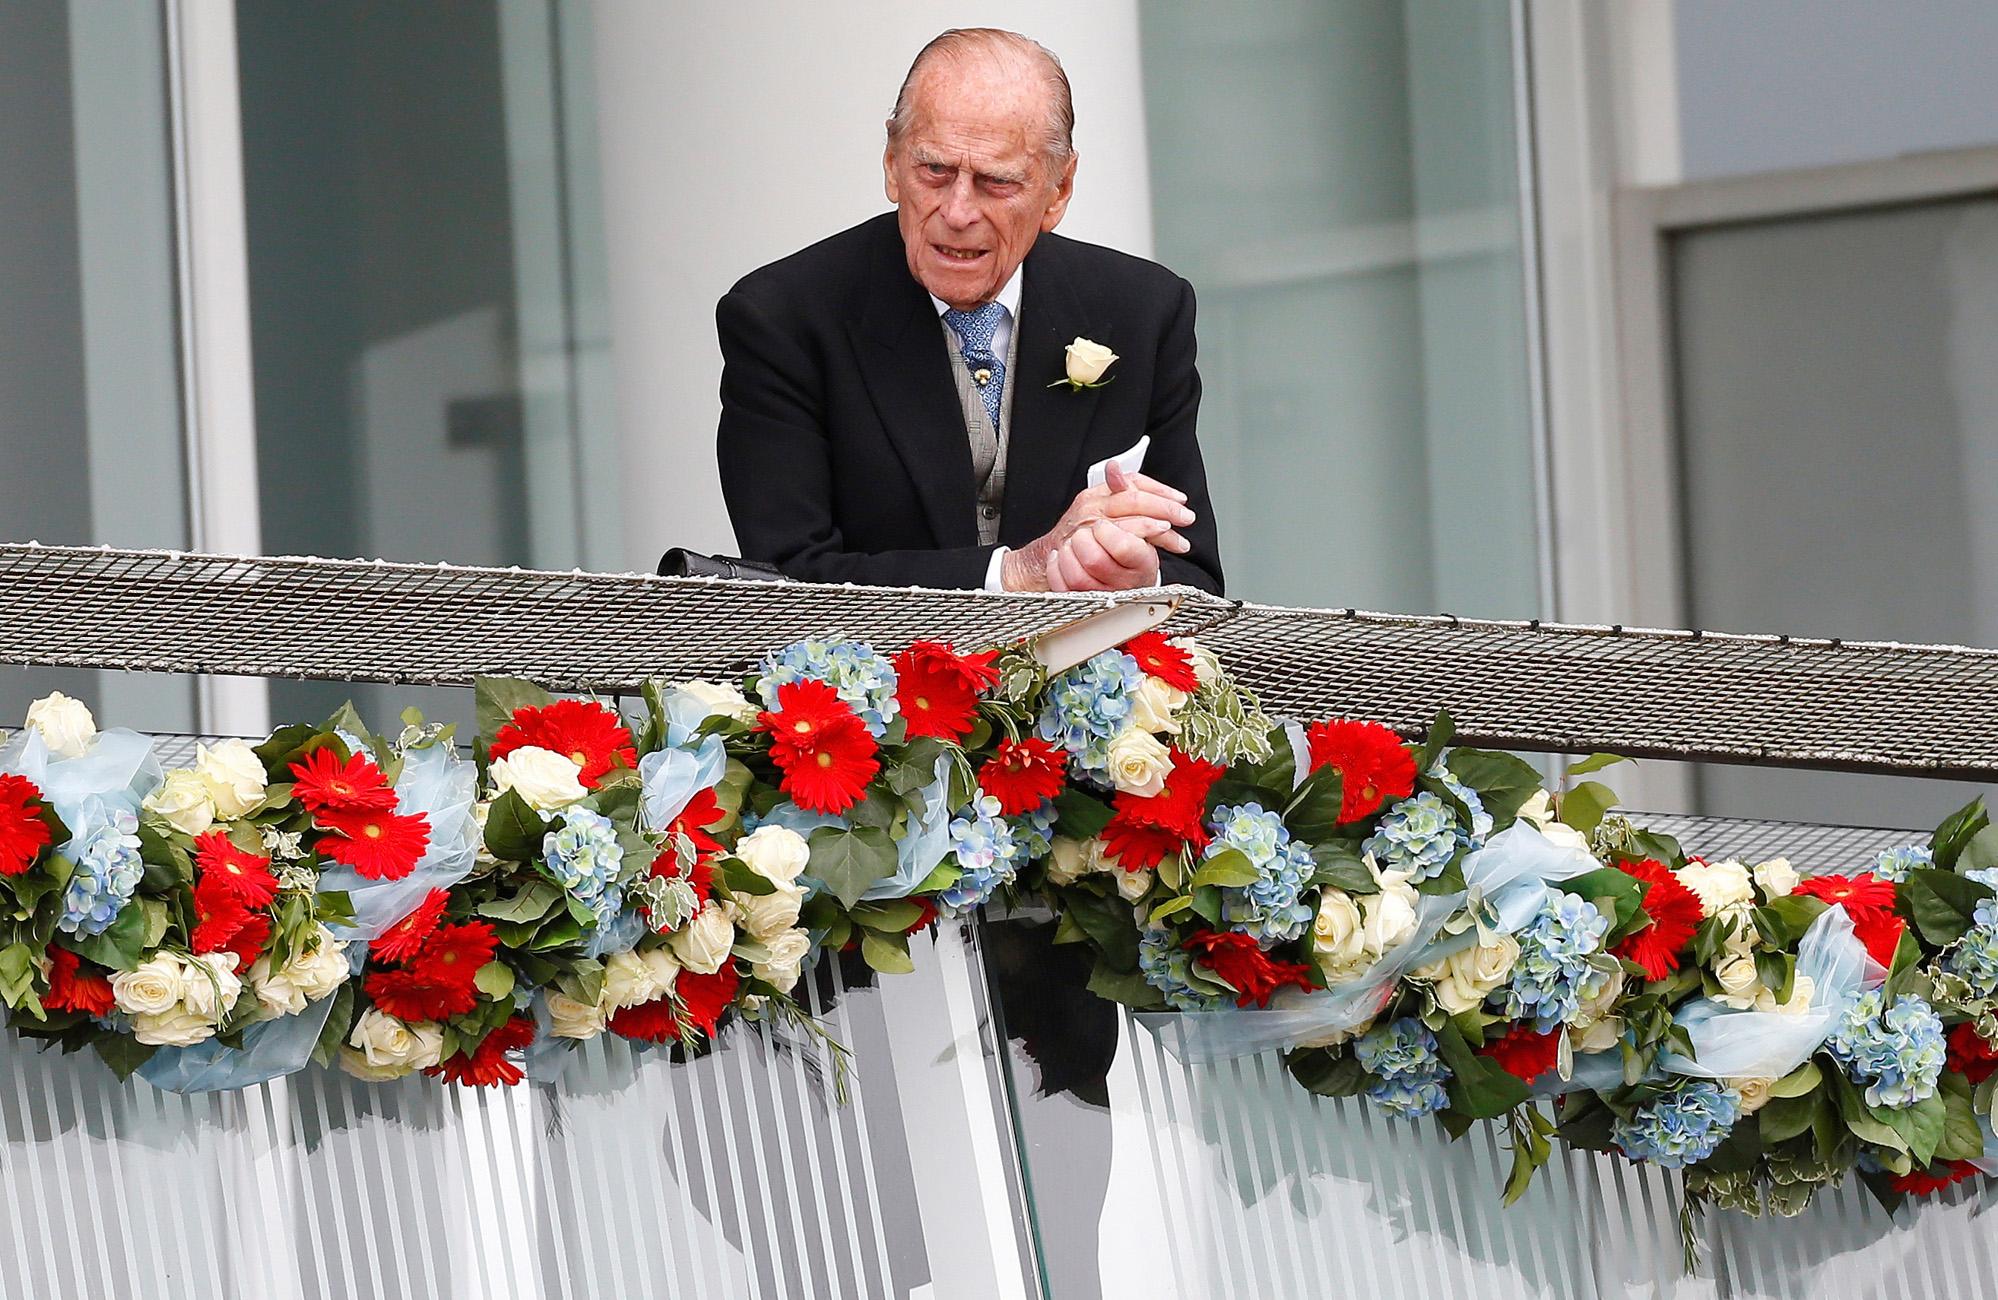 Πρίγκιπας Φίλιππος: Ανακοινώθηκε η ημερομηνία για την κηδεία του – Όλες οι λεπτομέρειες